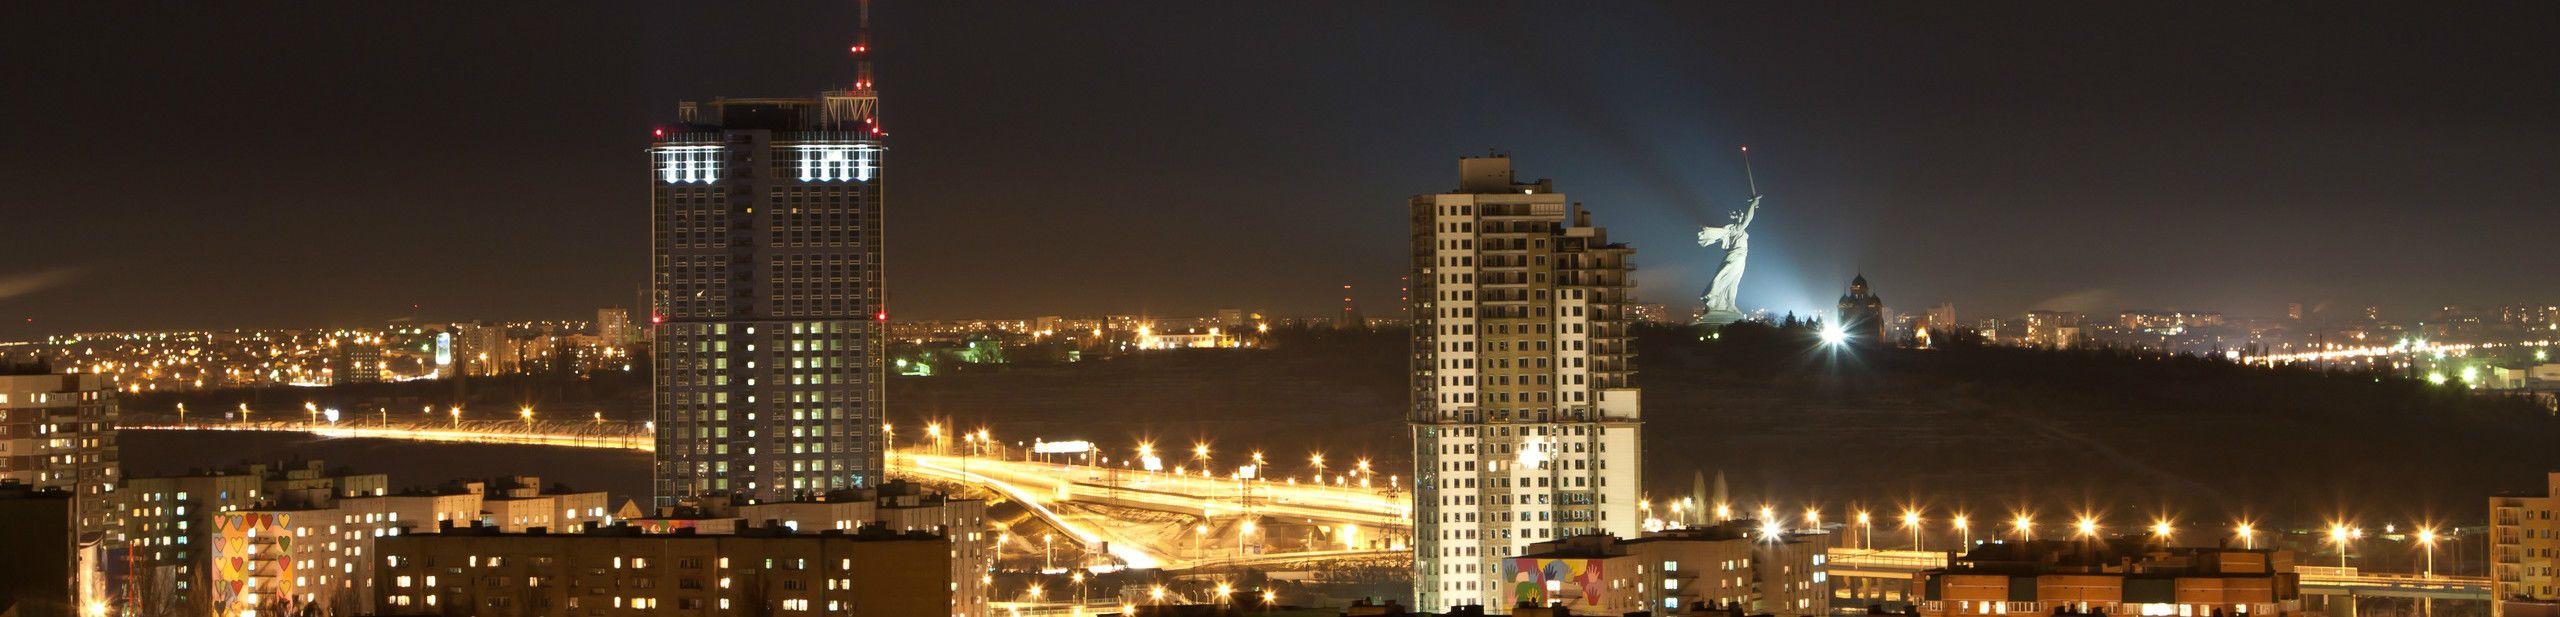 Снять квартиру посуточно в Волгограде - аренда квартиры на сутки, неделю, месяц